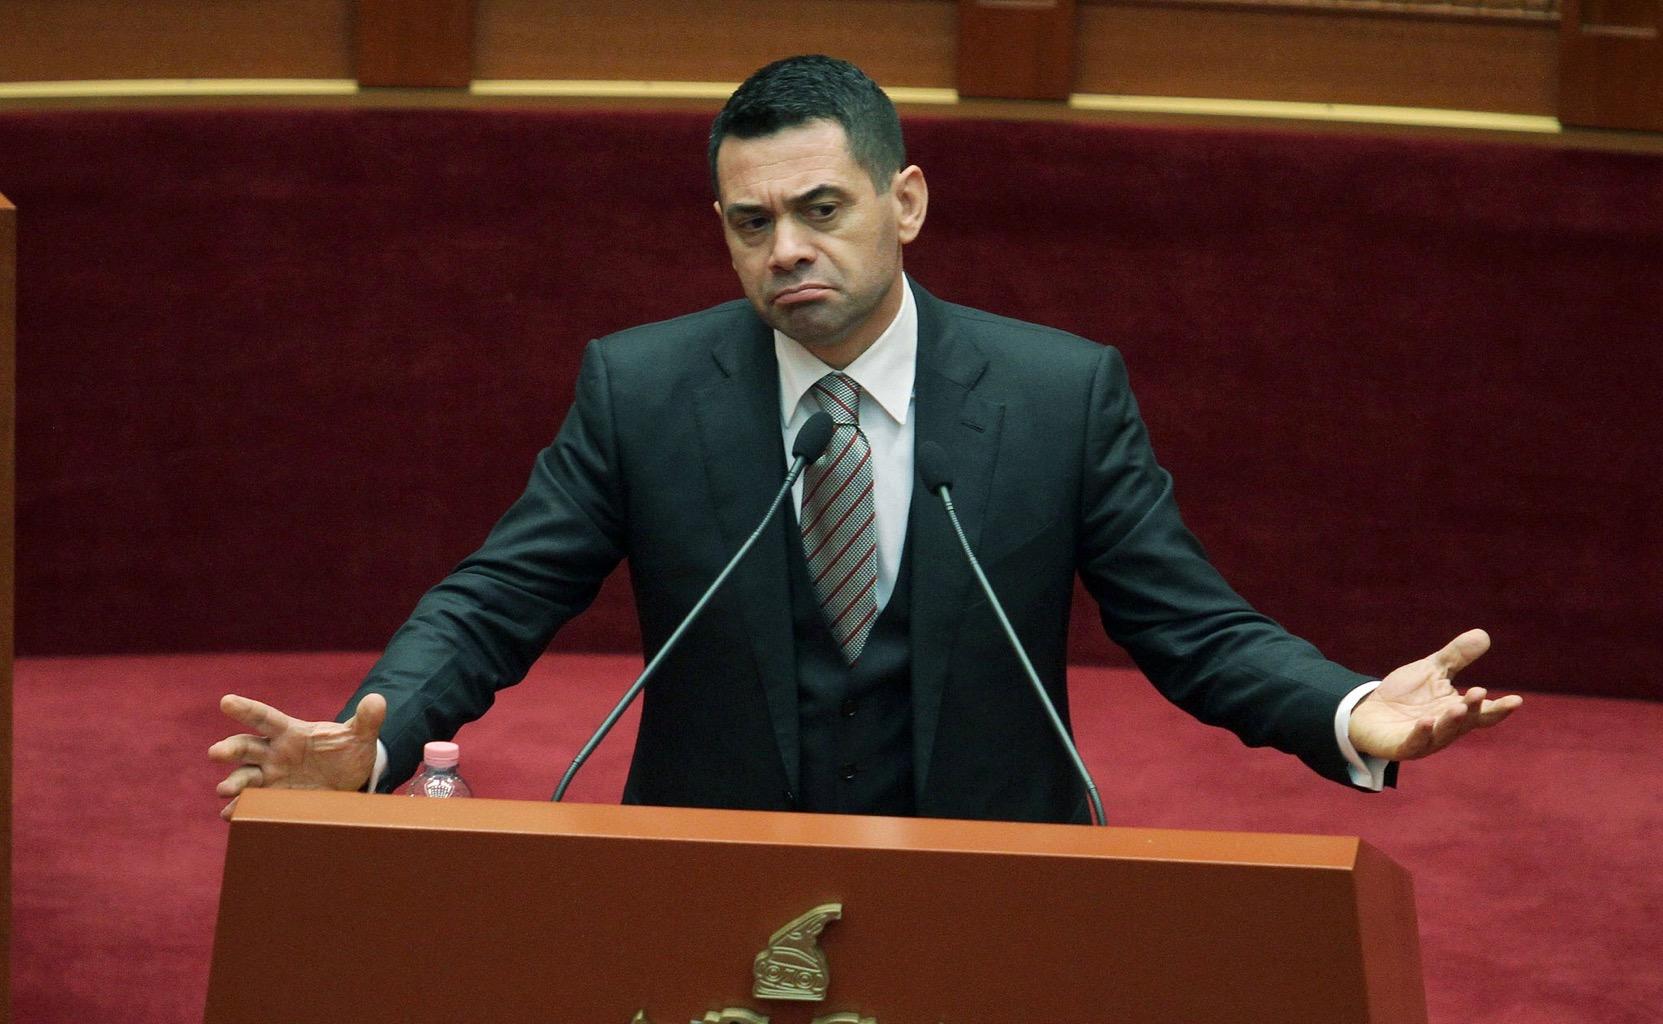 Ministri i Financave Ahmetaj – një figurë me kredibilitet shumë të ulët në tregjet financiare ndërkombëtar